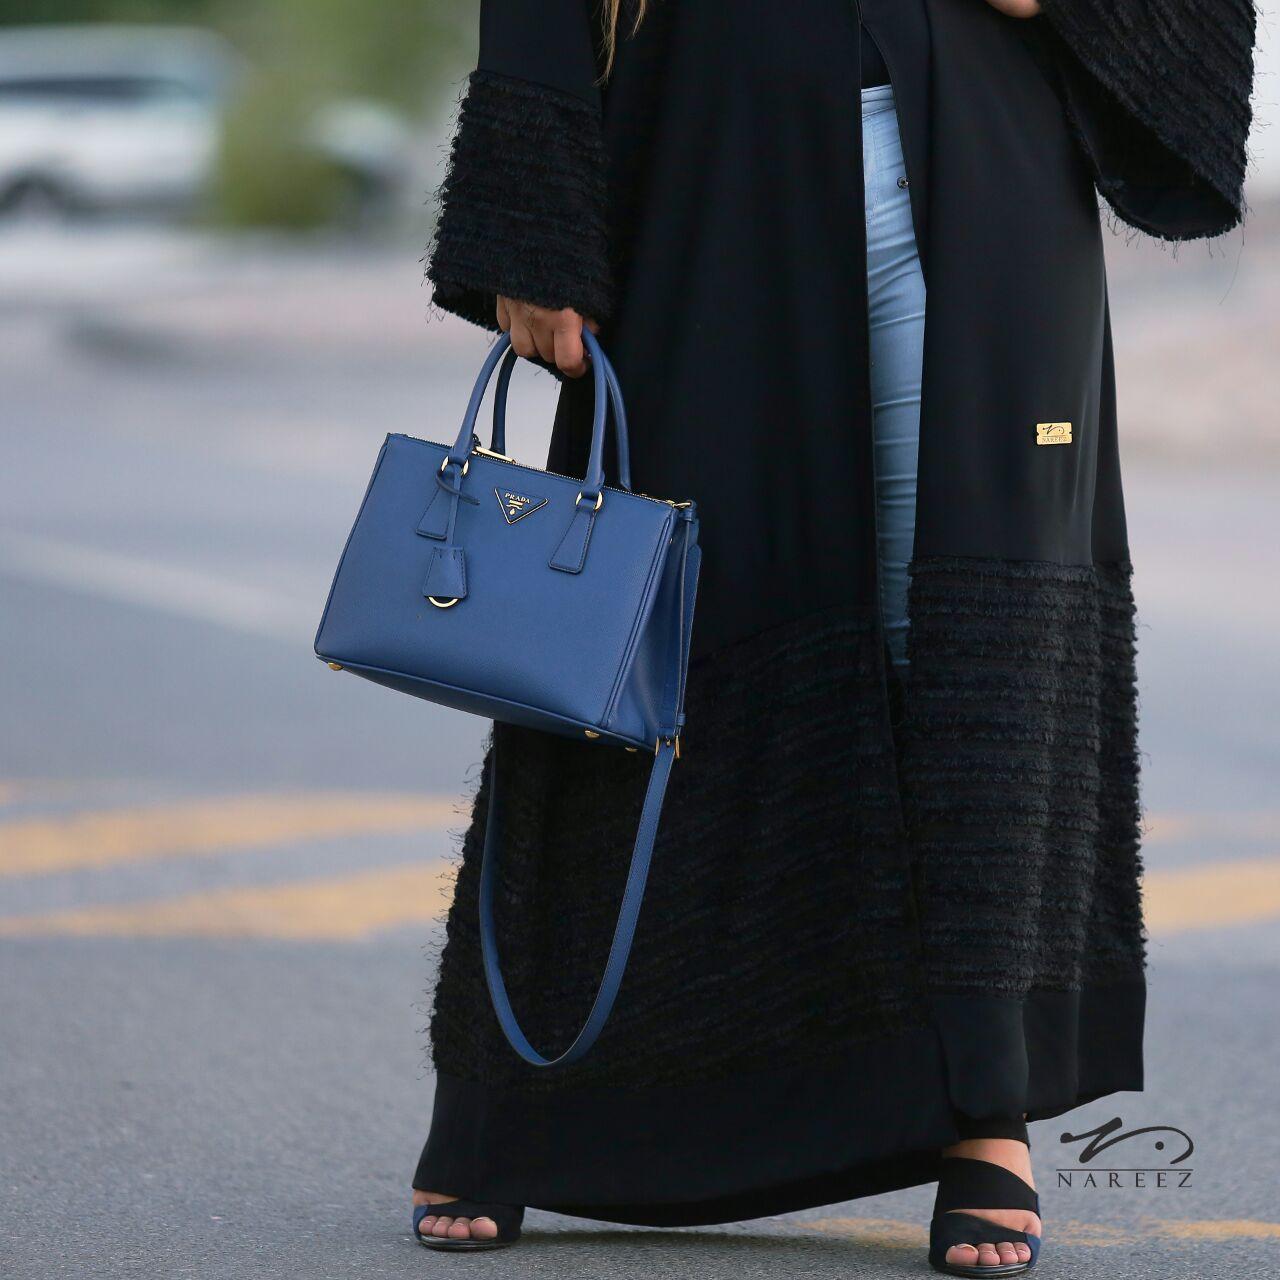 3b75d10f5 عبايات ناريز Abaya fashion   Nareez   Hermes birkin, Birkin, Fashion